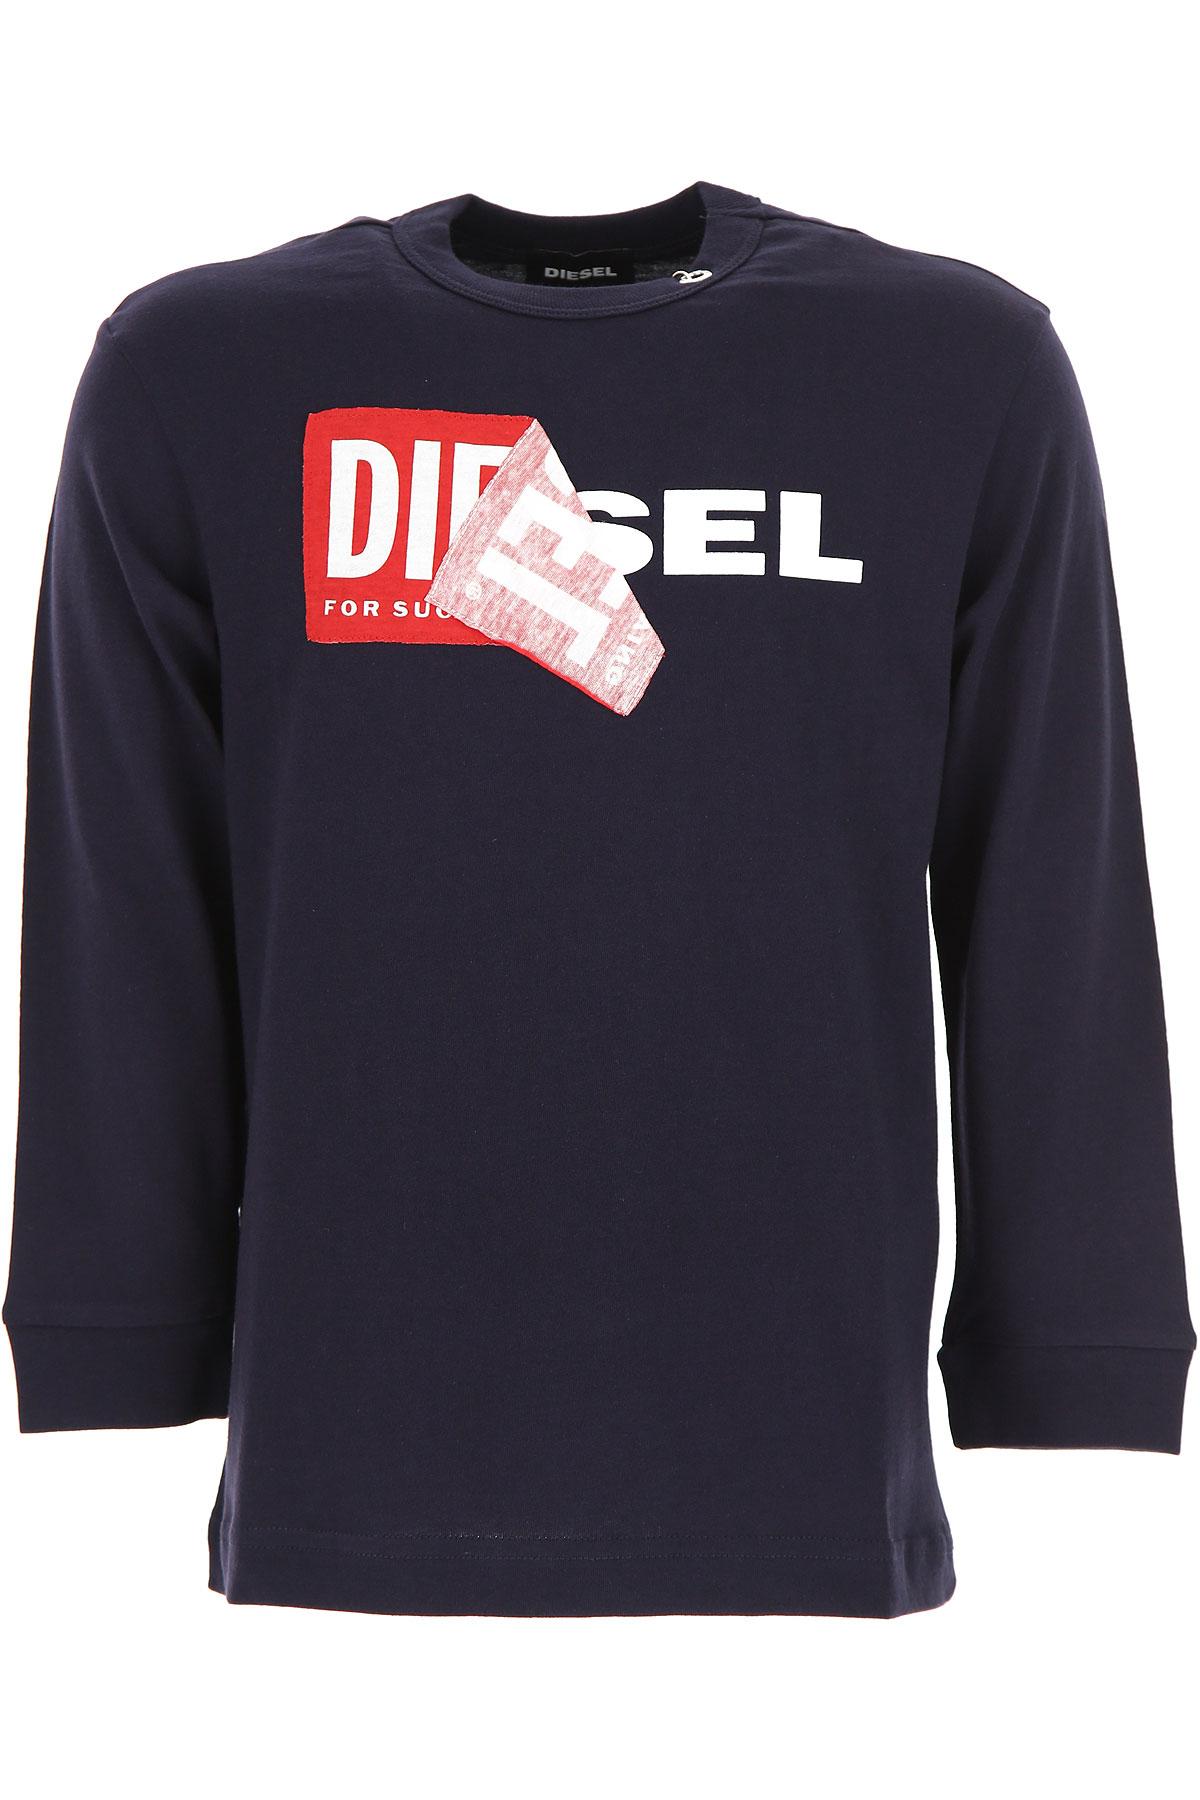 Diesel Kids T-Shirt for Boys, Blue, Cotton, 2017, 10Y 6Y 8Y USA-481003